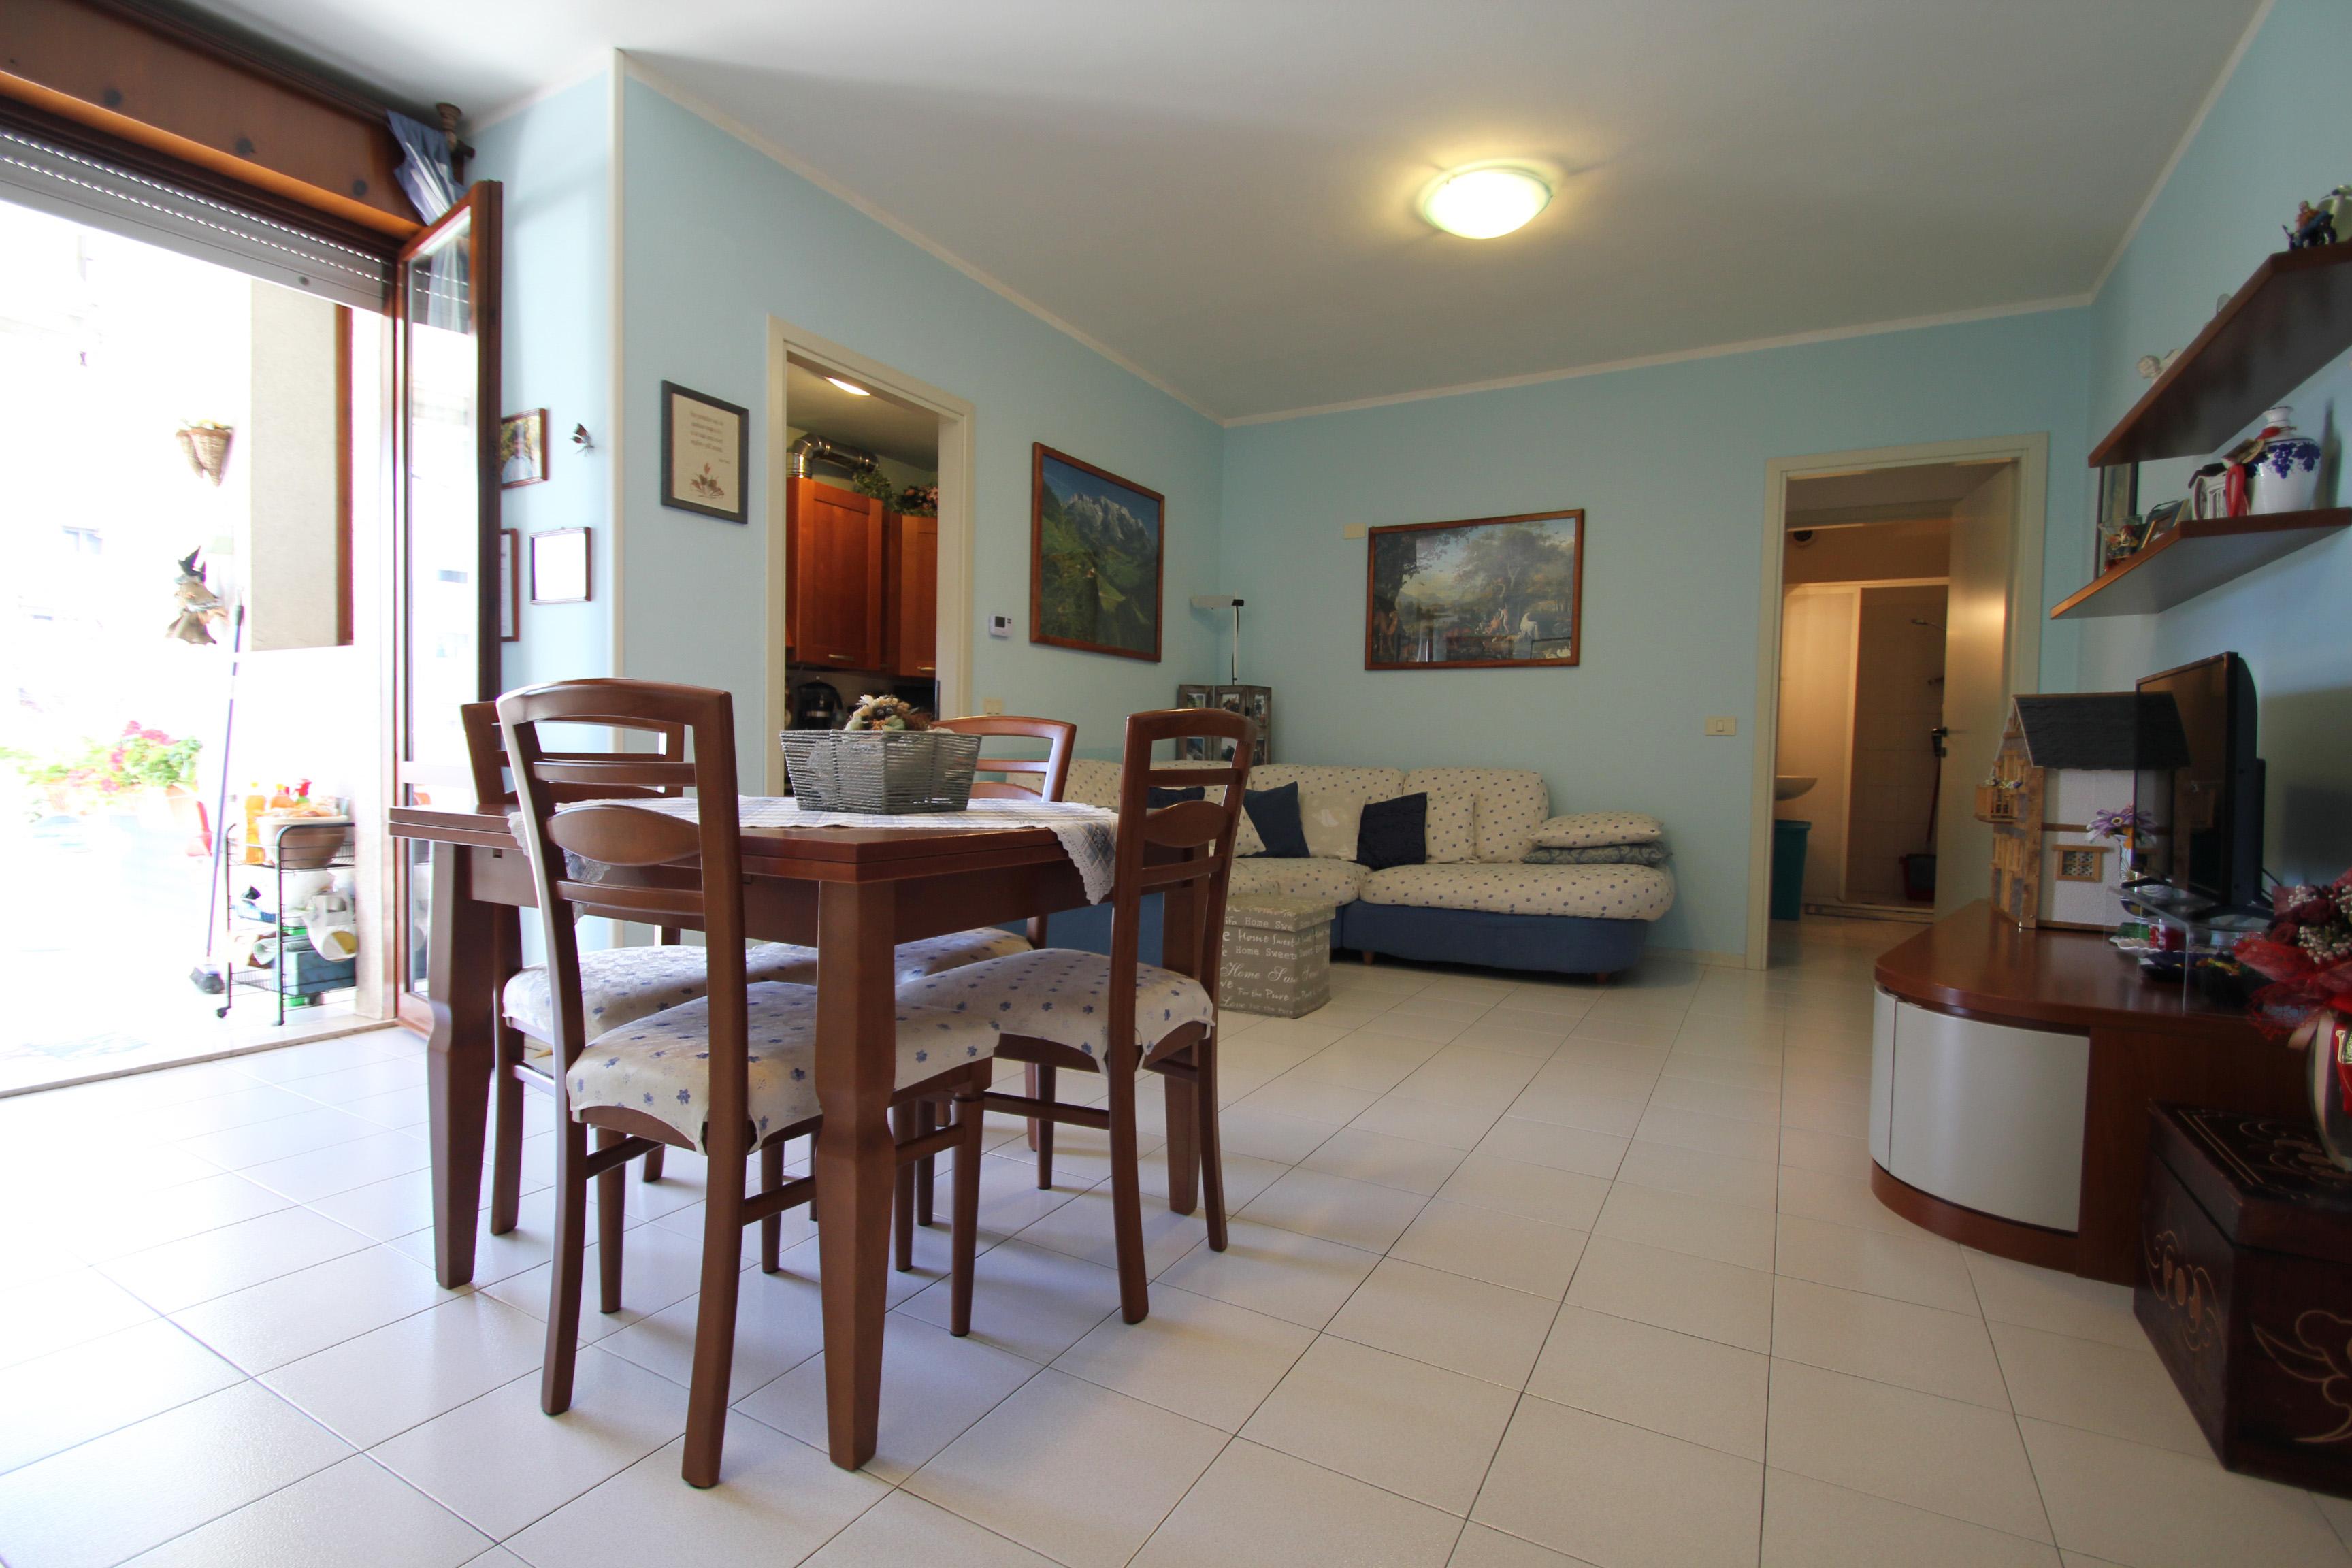 Appartamento con tre camere al piano primo